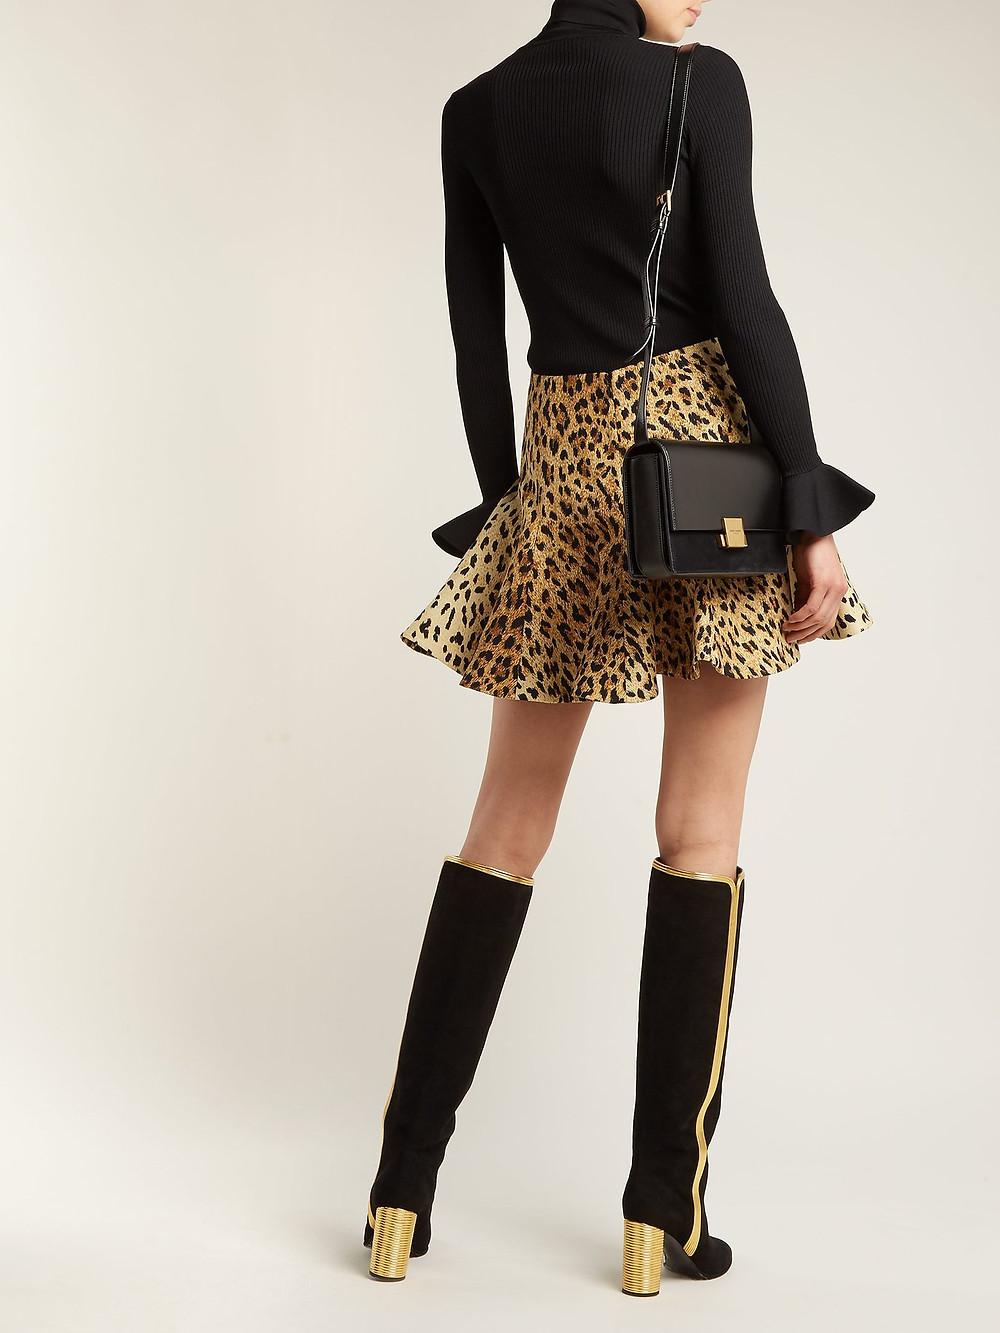 Valentino Flared leopard-print mini skirt $1,980